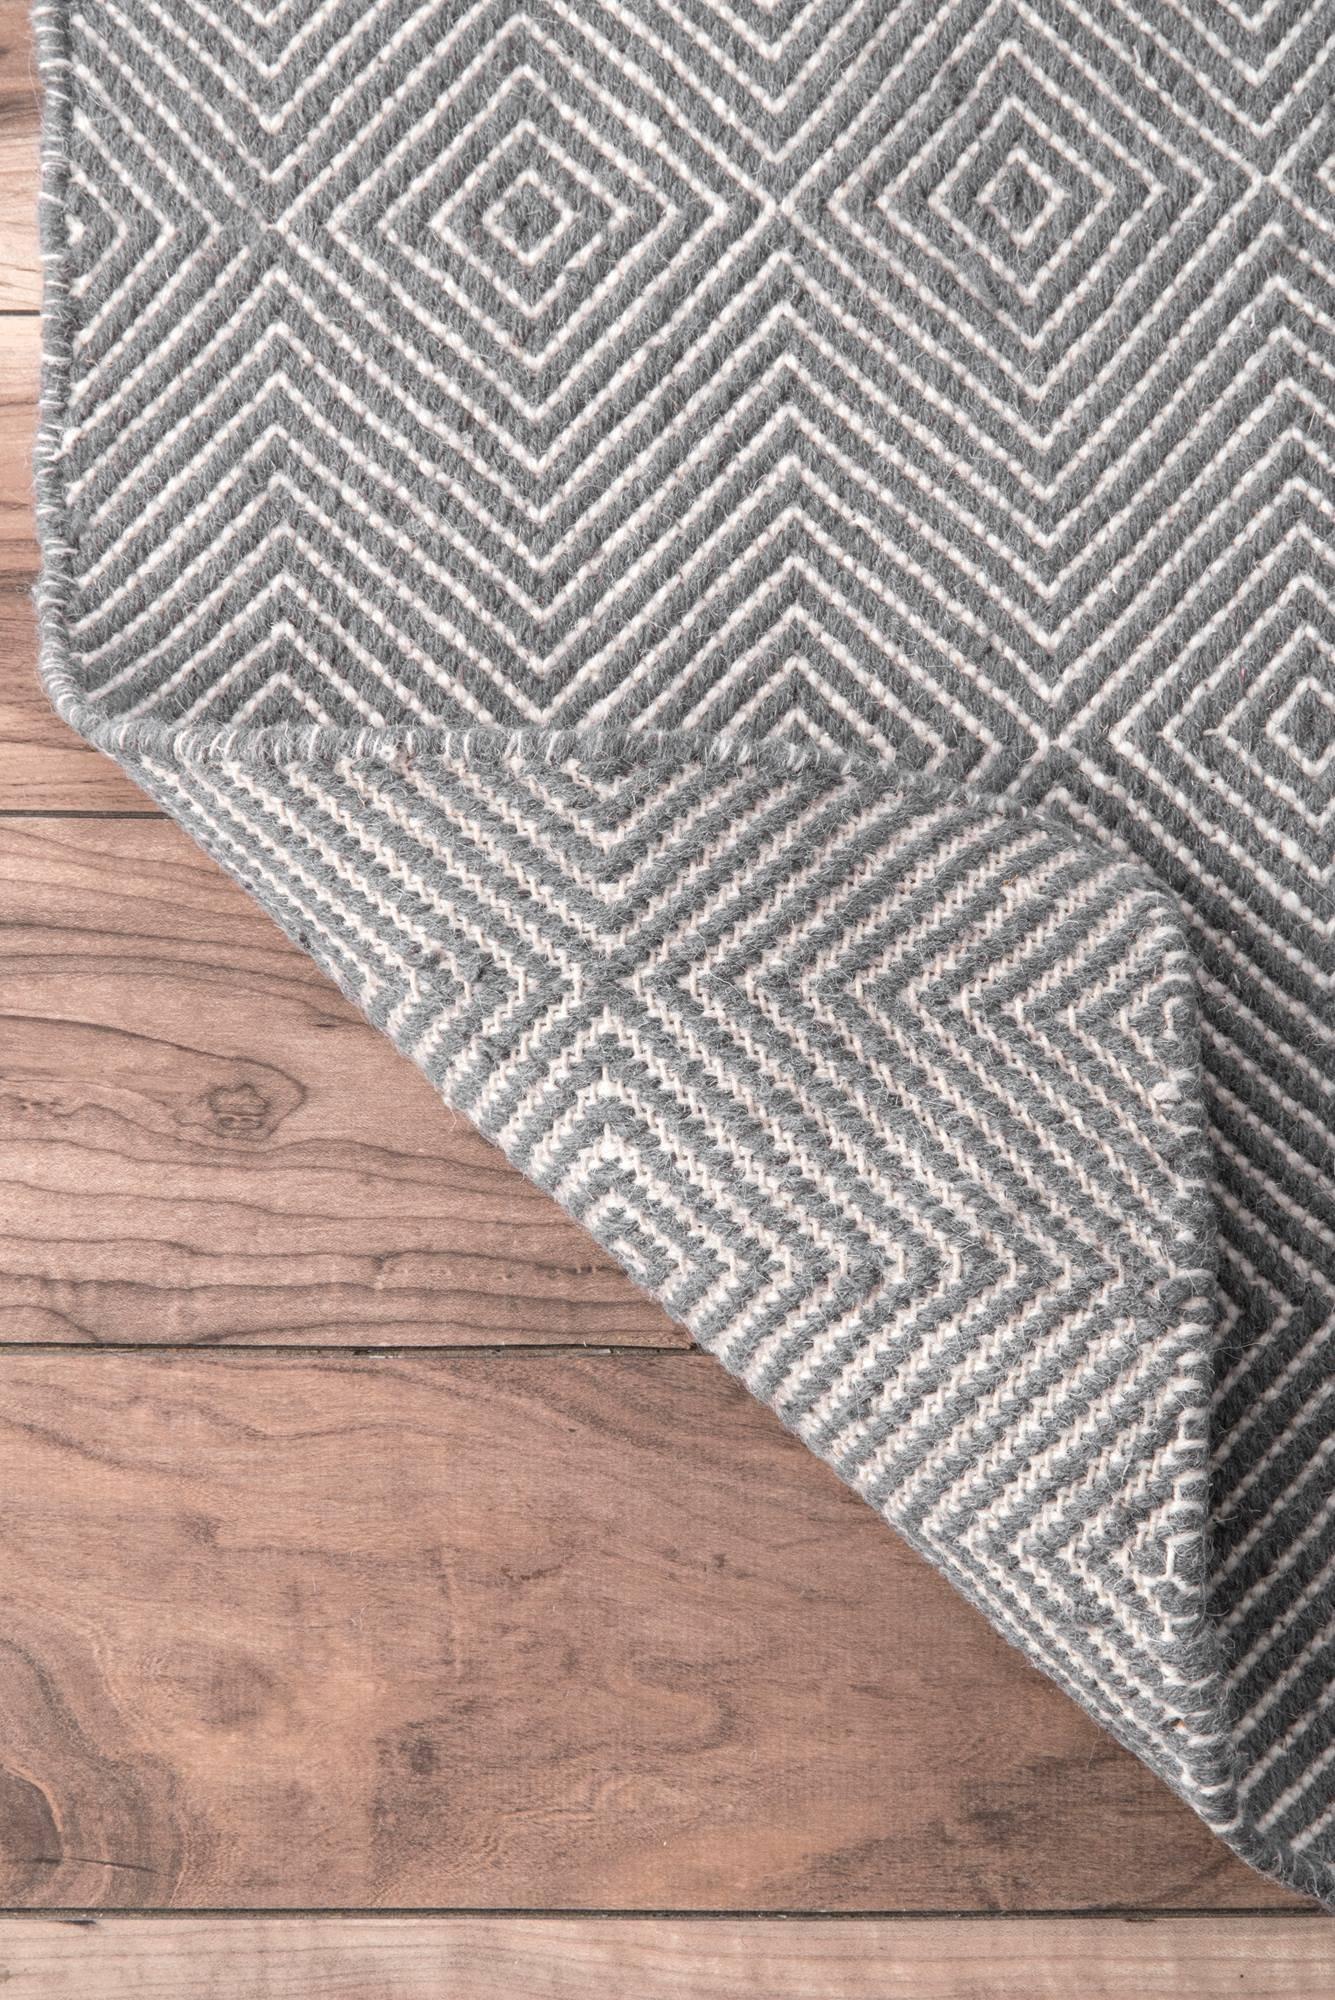 nuLOOM Handmade Fancy Trellis Wool Paddle Runner Area Rugs, 2' 6'' x 8', Grey by nuLOOM (Image #5)